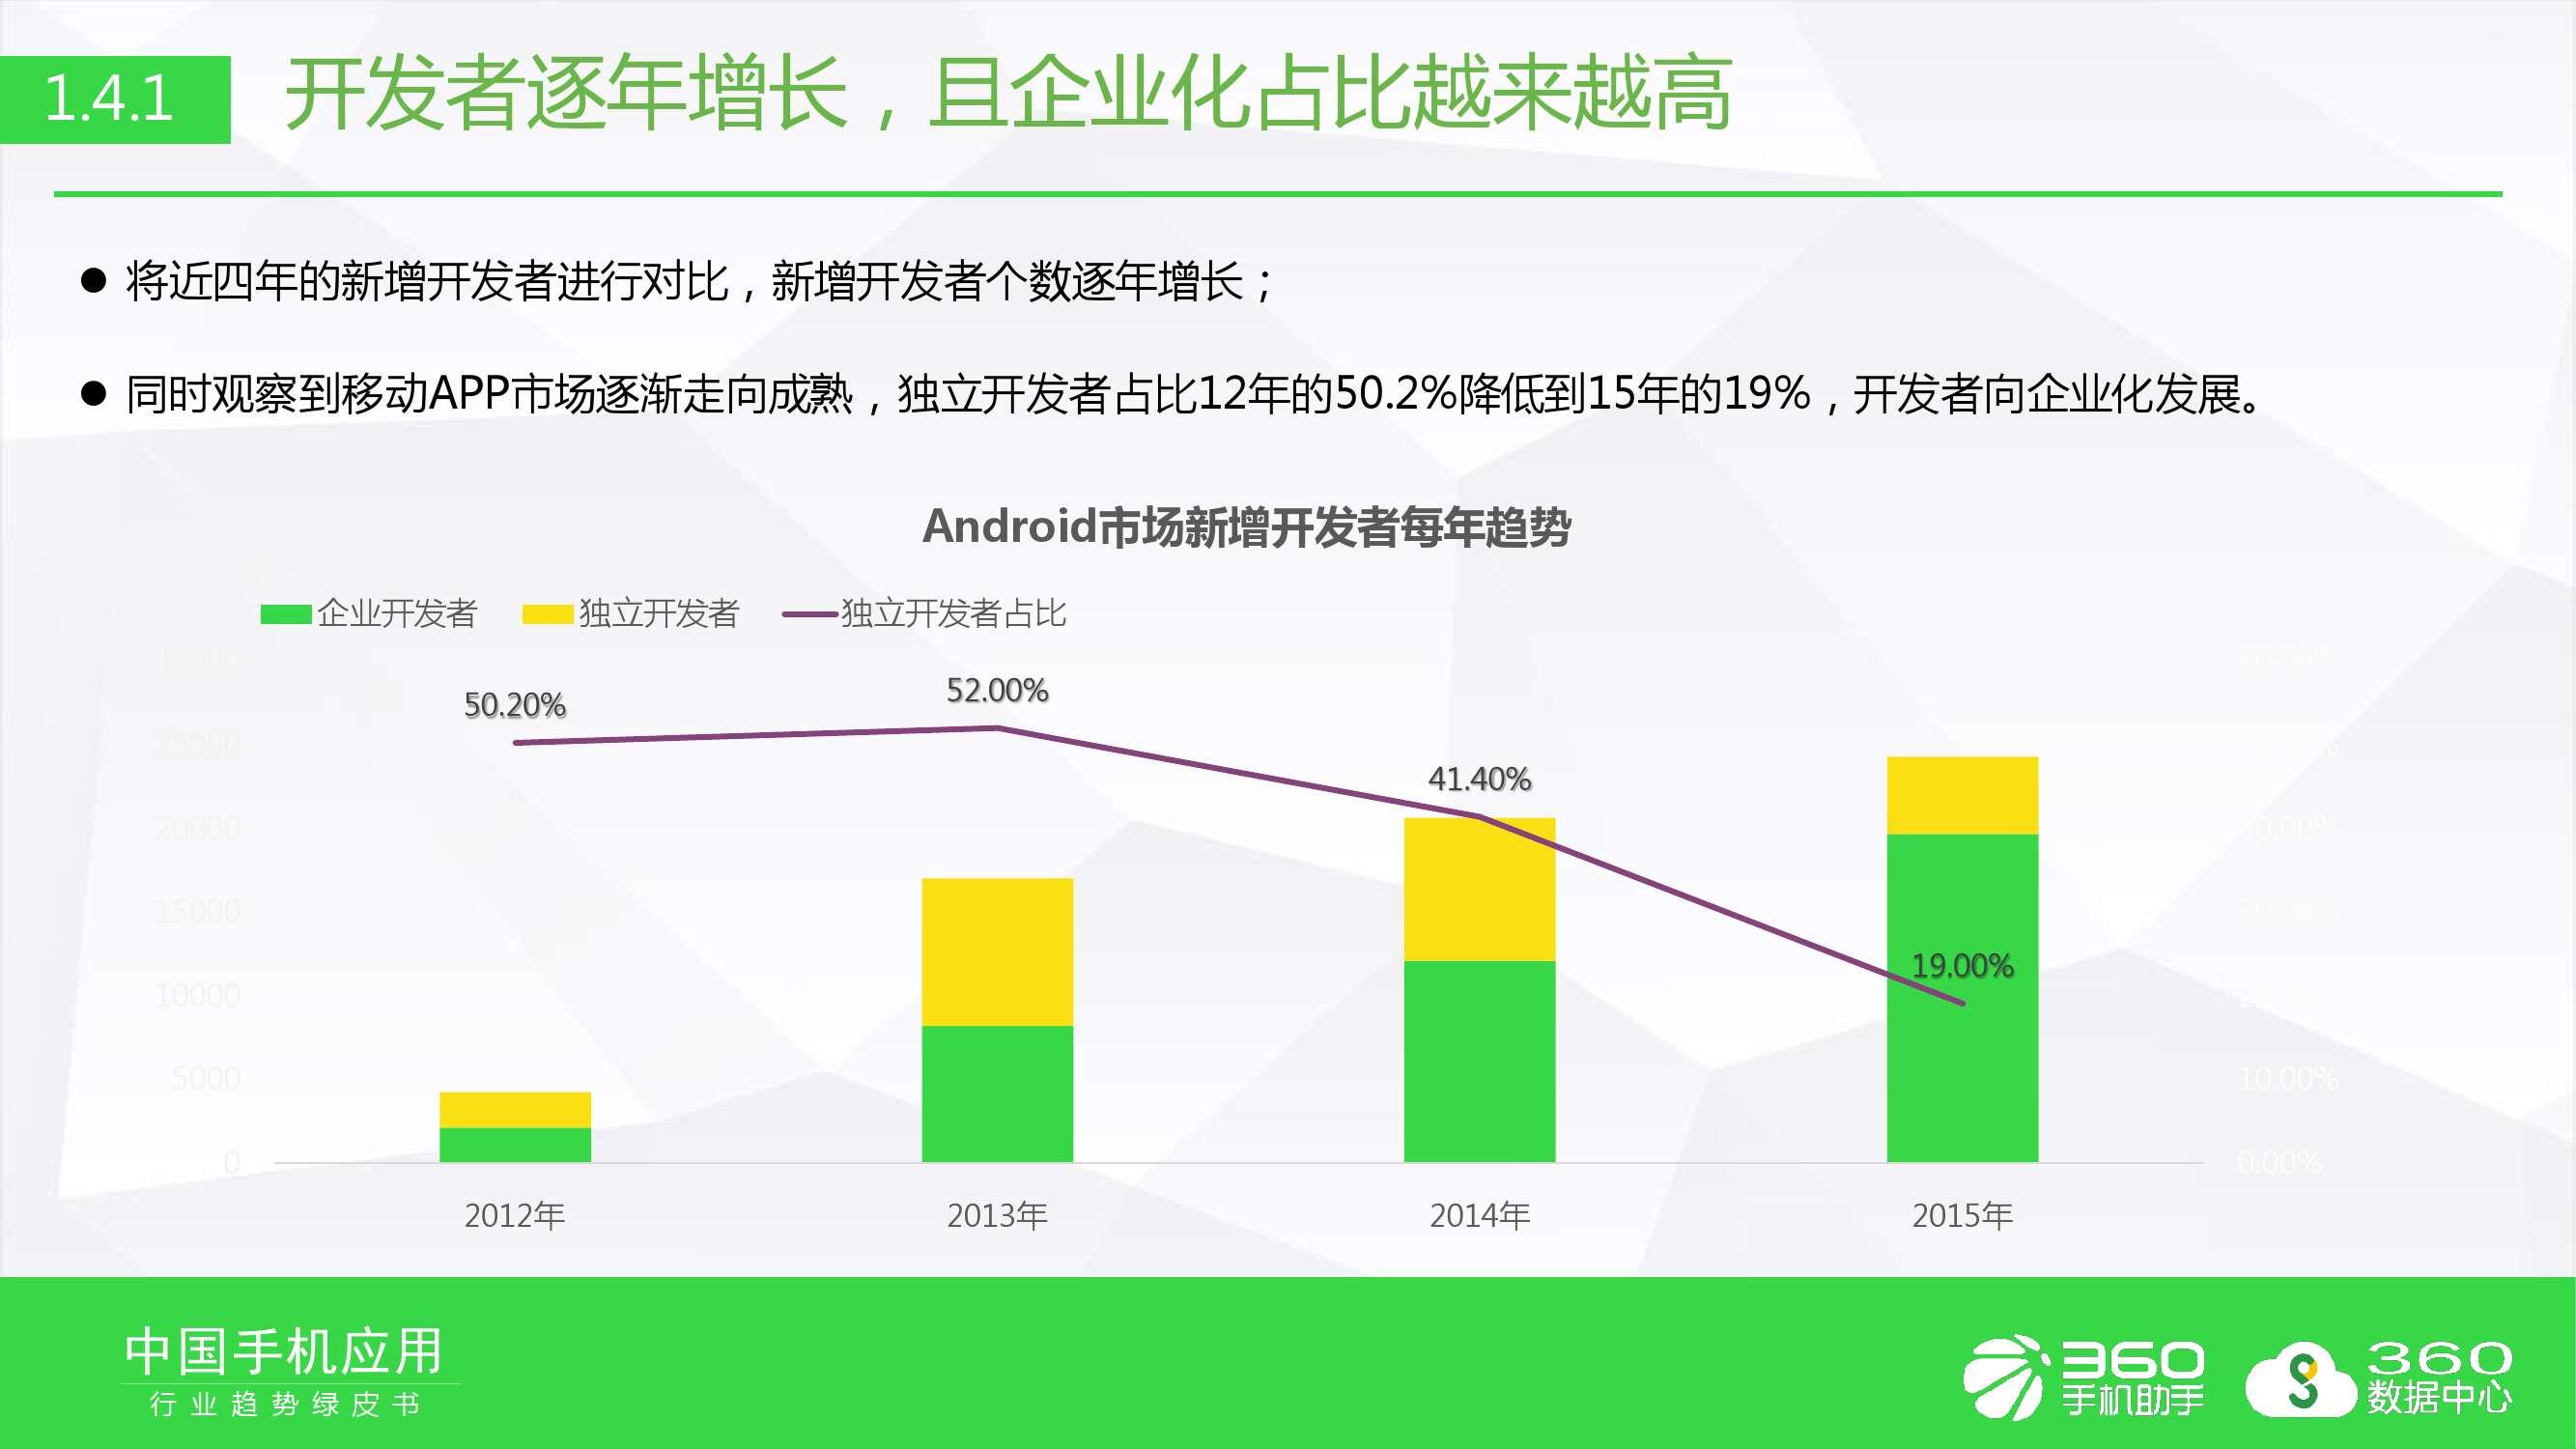 2016年手机软件行业趋势绿皮书_000009